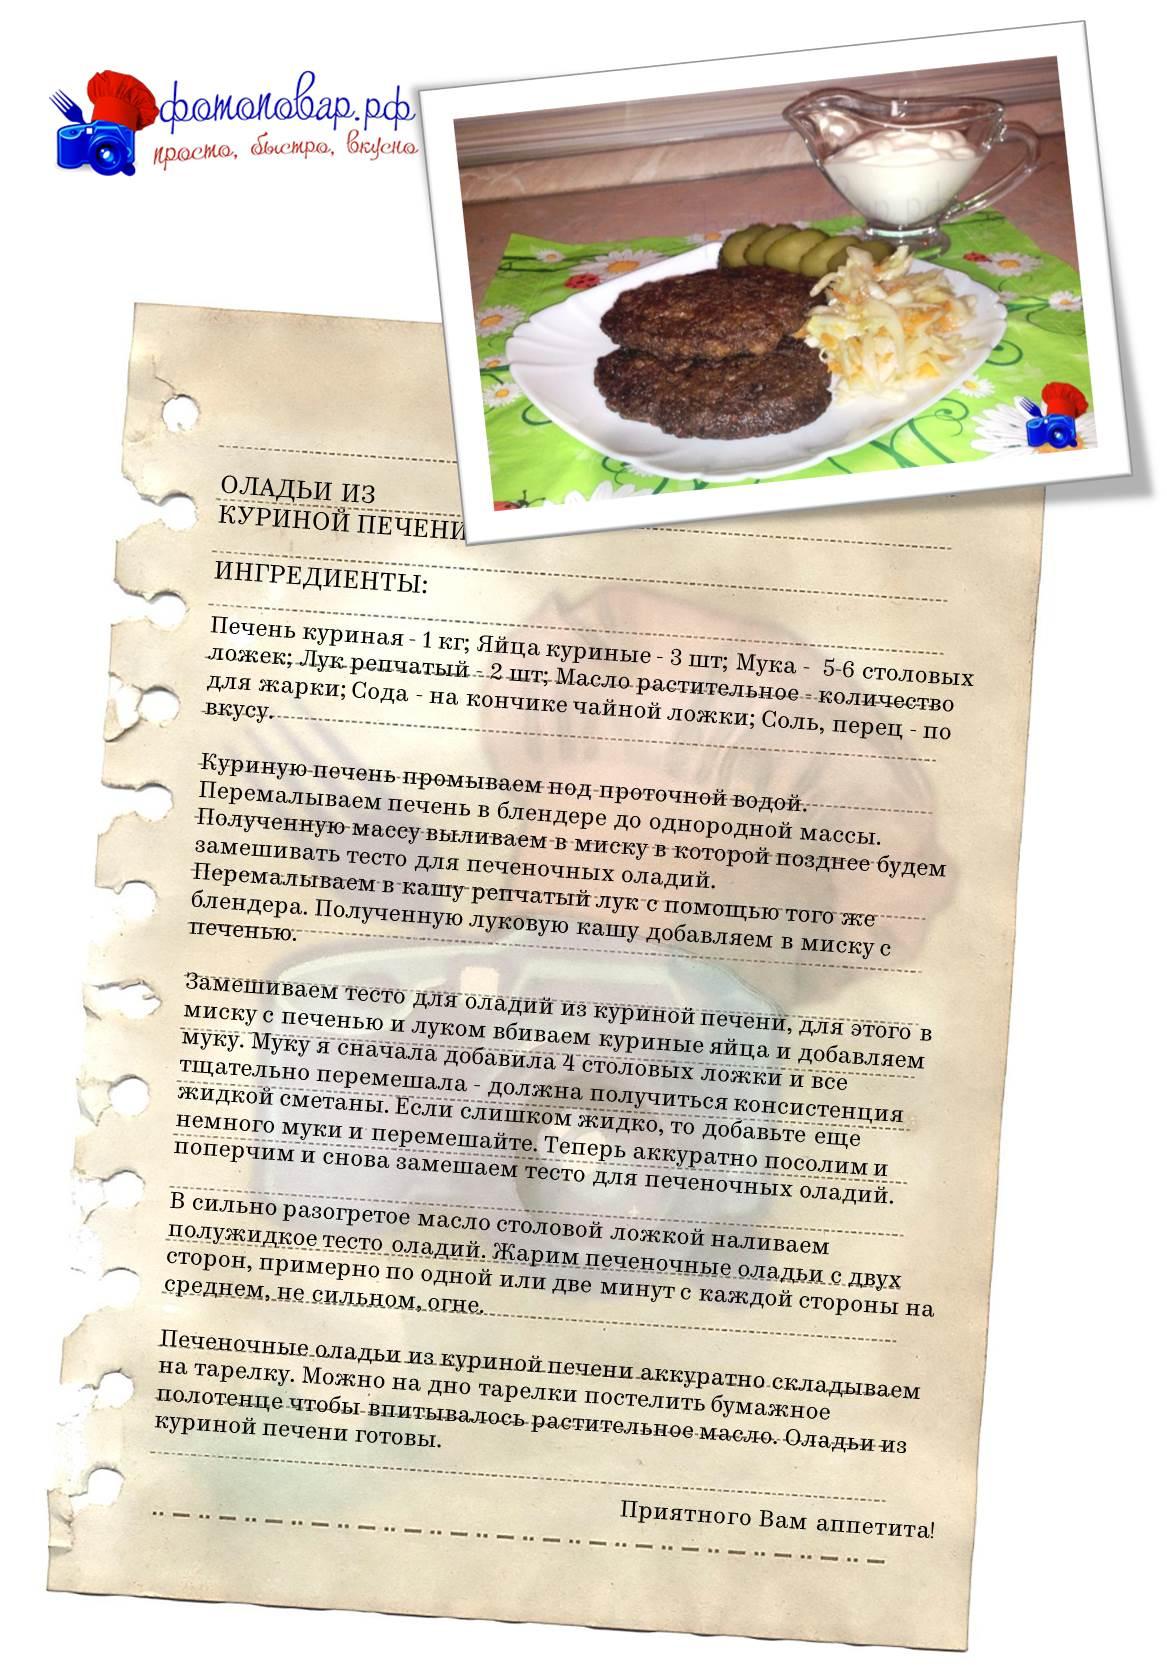 Рецепт оладий из куриной печени пошагово